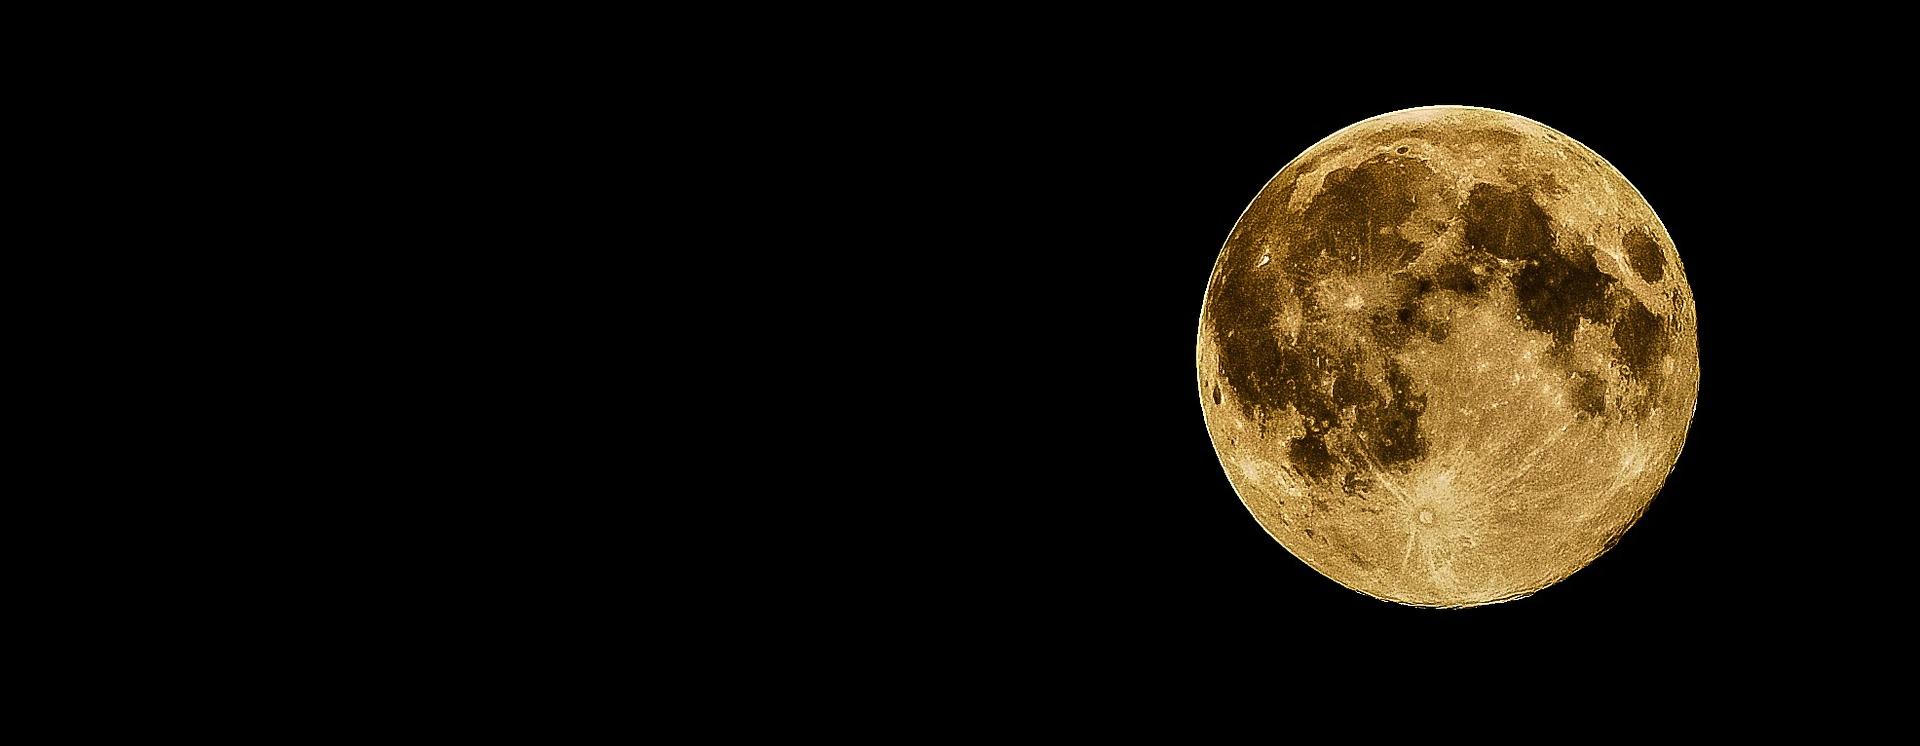 comment photographier la pleine lune